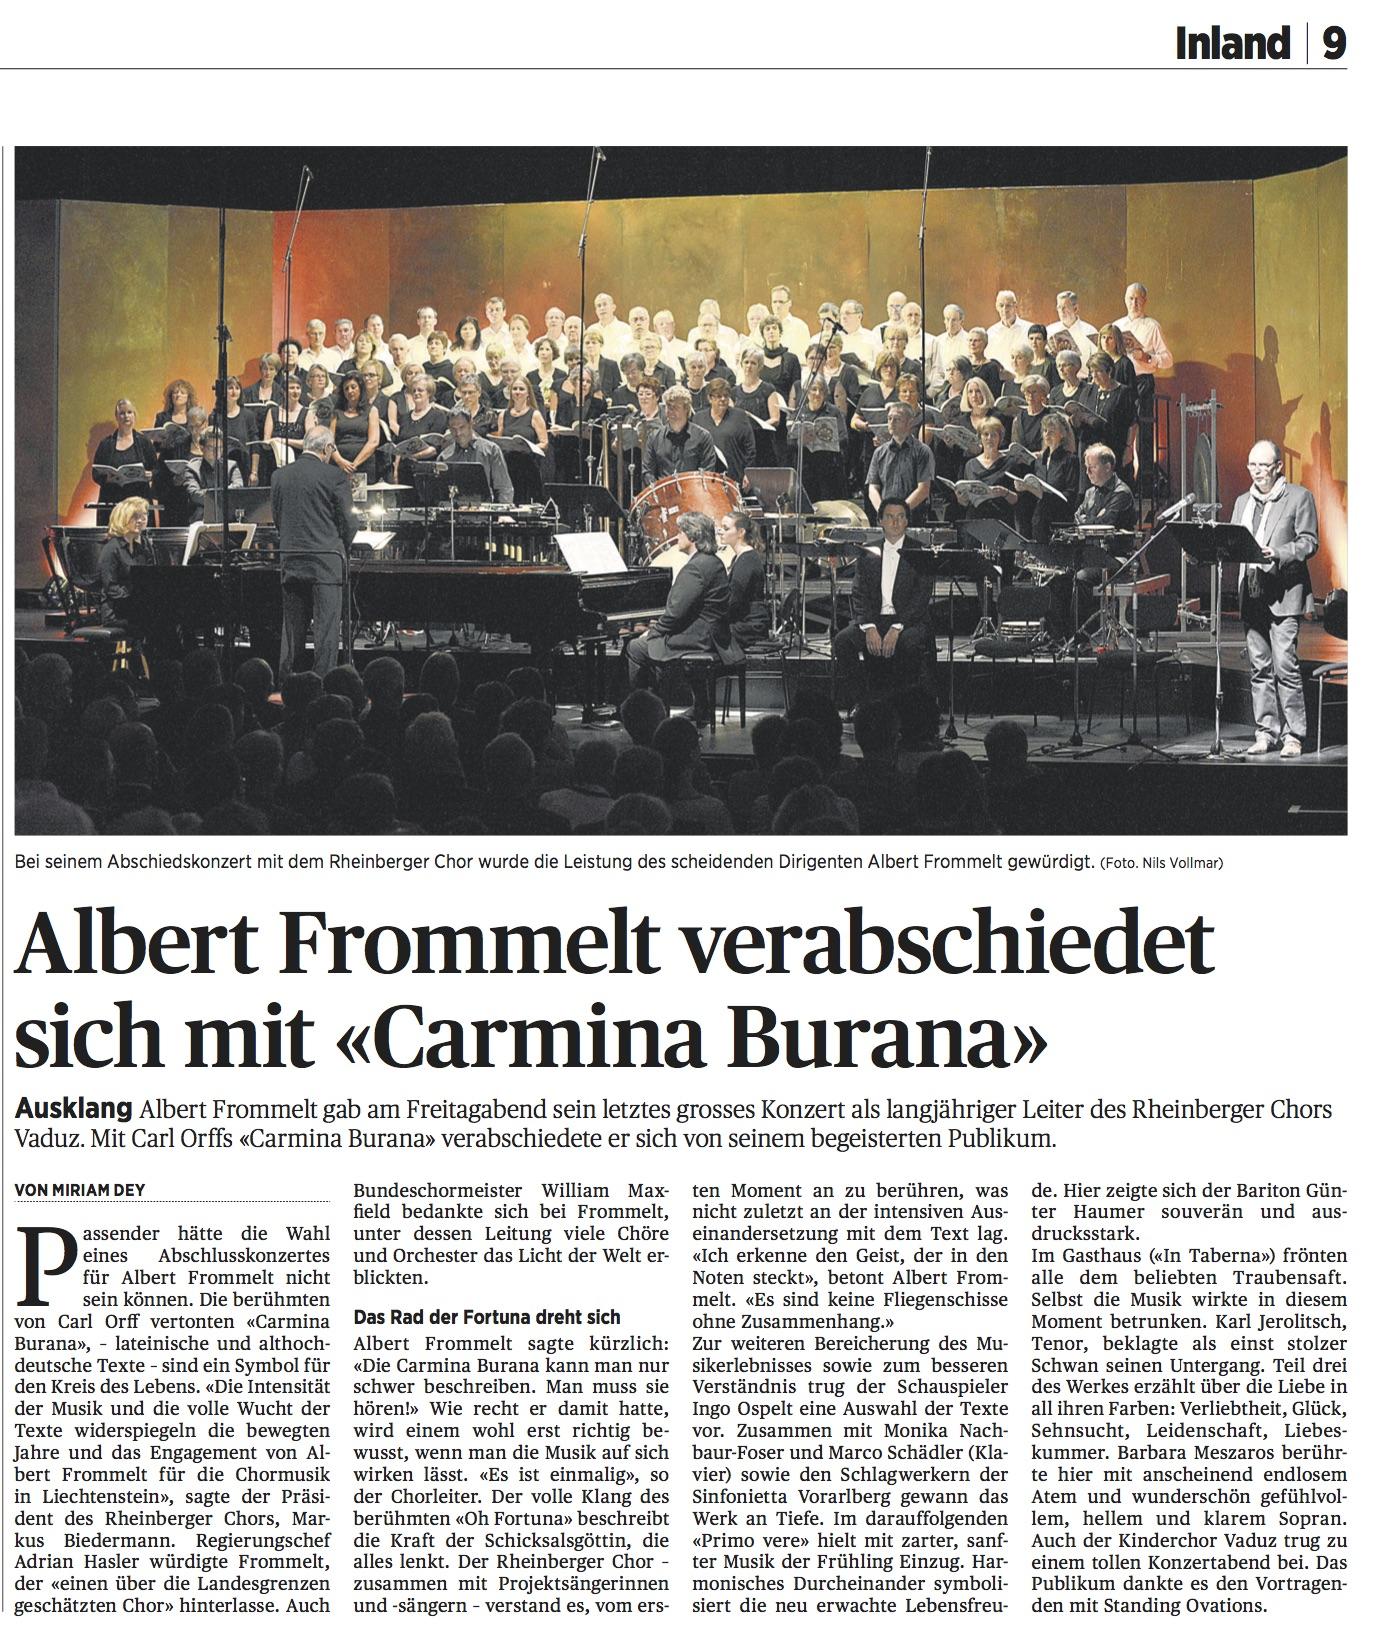 Volksblatt_20130701S9_Carmina_Burana_Ausschnitt